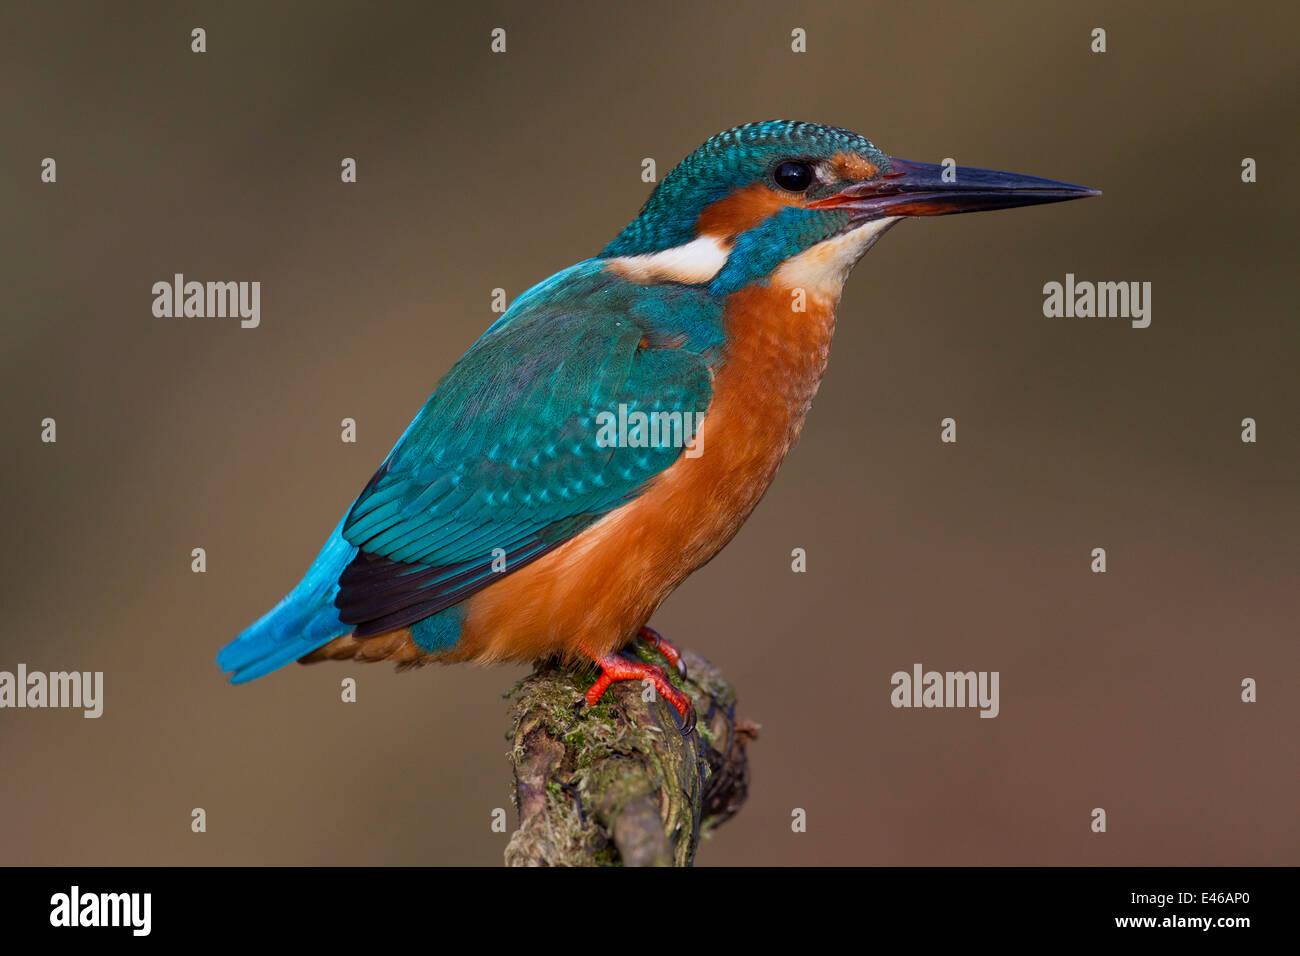 Eisvogel / eurasischen Eisvogel (Alcedo Atthis) thront auf Zweig und auf der Suche nach Fische im Fluss Stockbild